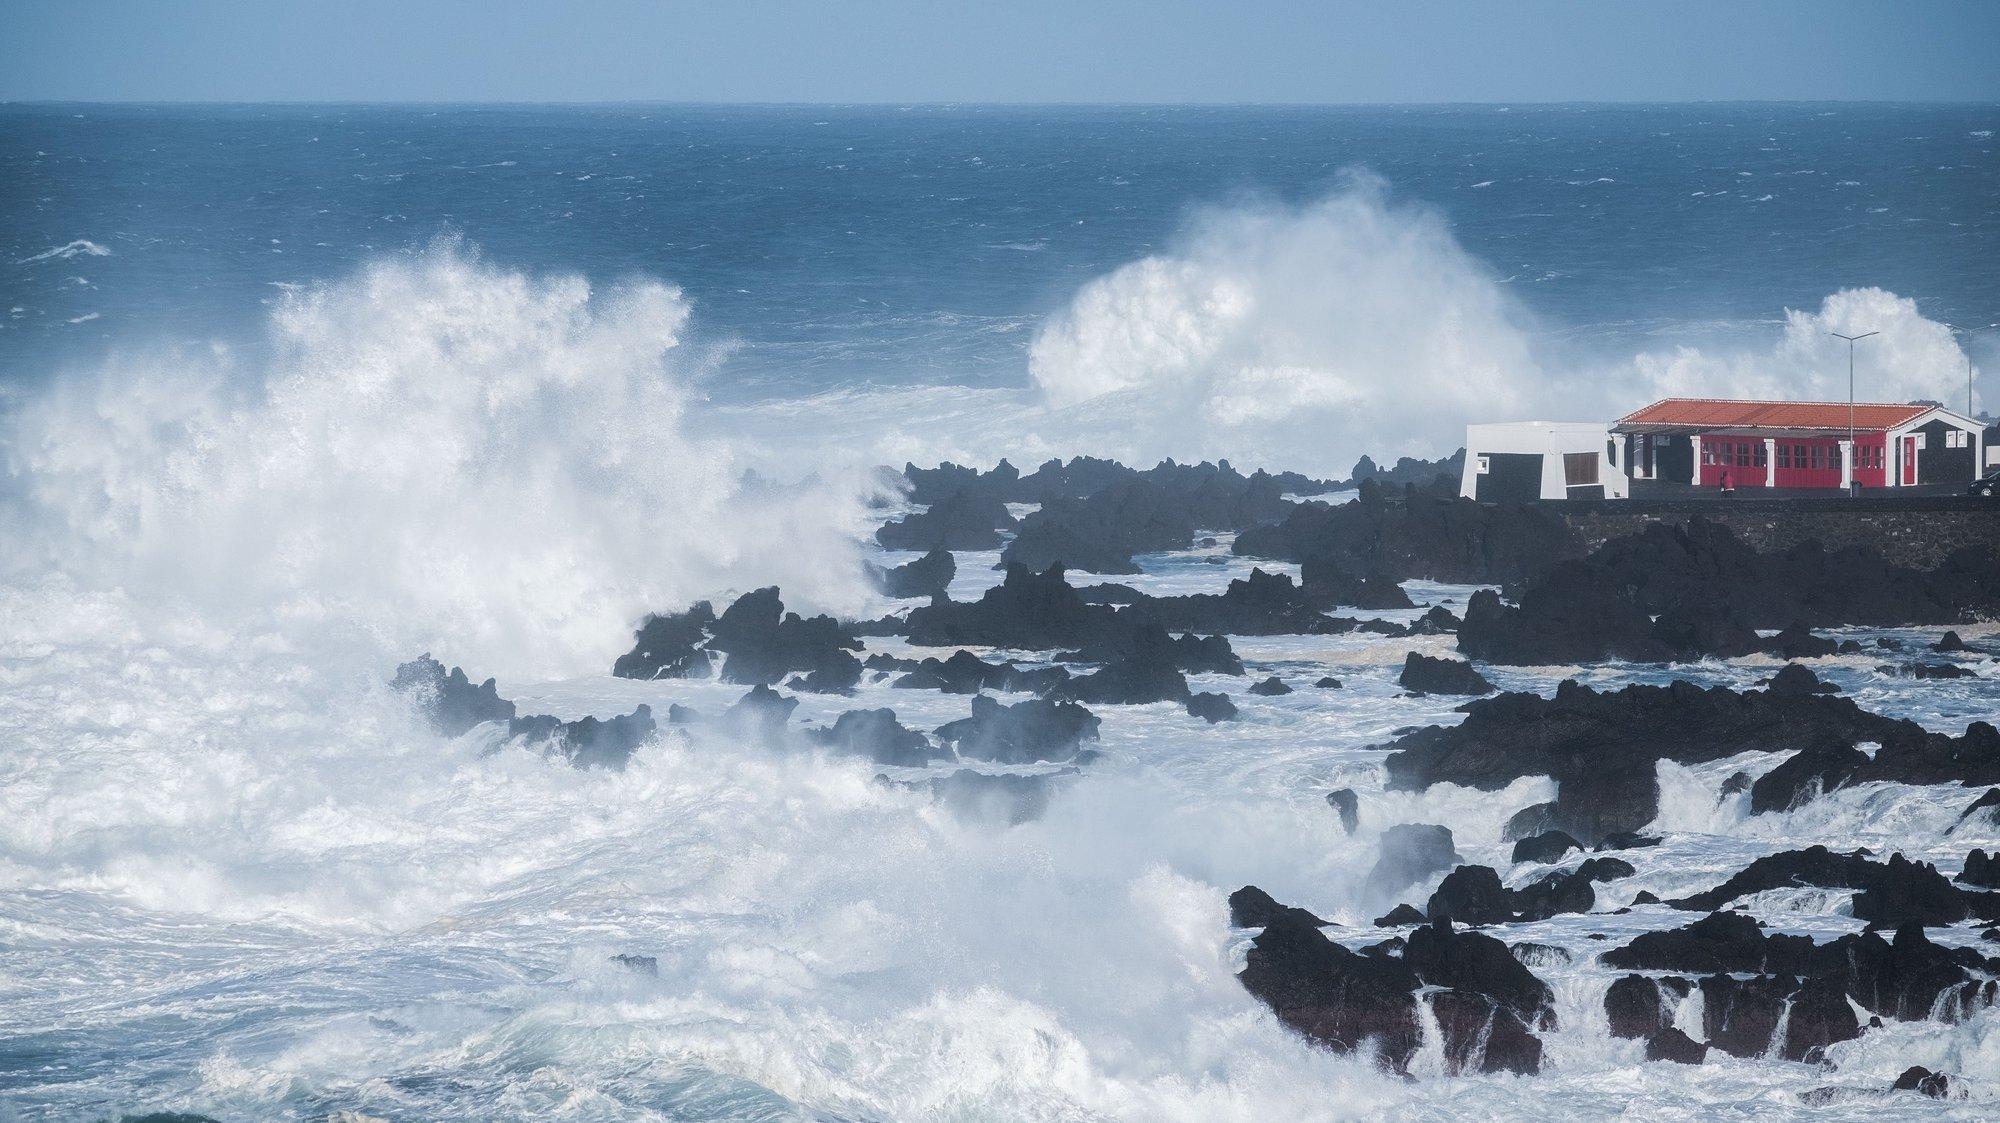 O Instituto Português do Mar e da Atmosfera (IPMA) colocou sob aviso laranja os Açores, 16 de novembro de 2018. As ondas podem chegar aos 11 metros de altura o que levou o Instituto Português do Mar e da Atmosfera a emitir aviso vermelho, para agitação marítima nas ilhas das Flores e do Corvo. ANTÓNIO ARAÚJO / LUSA